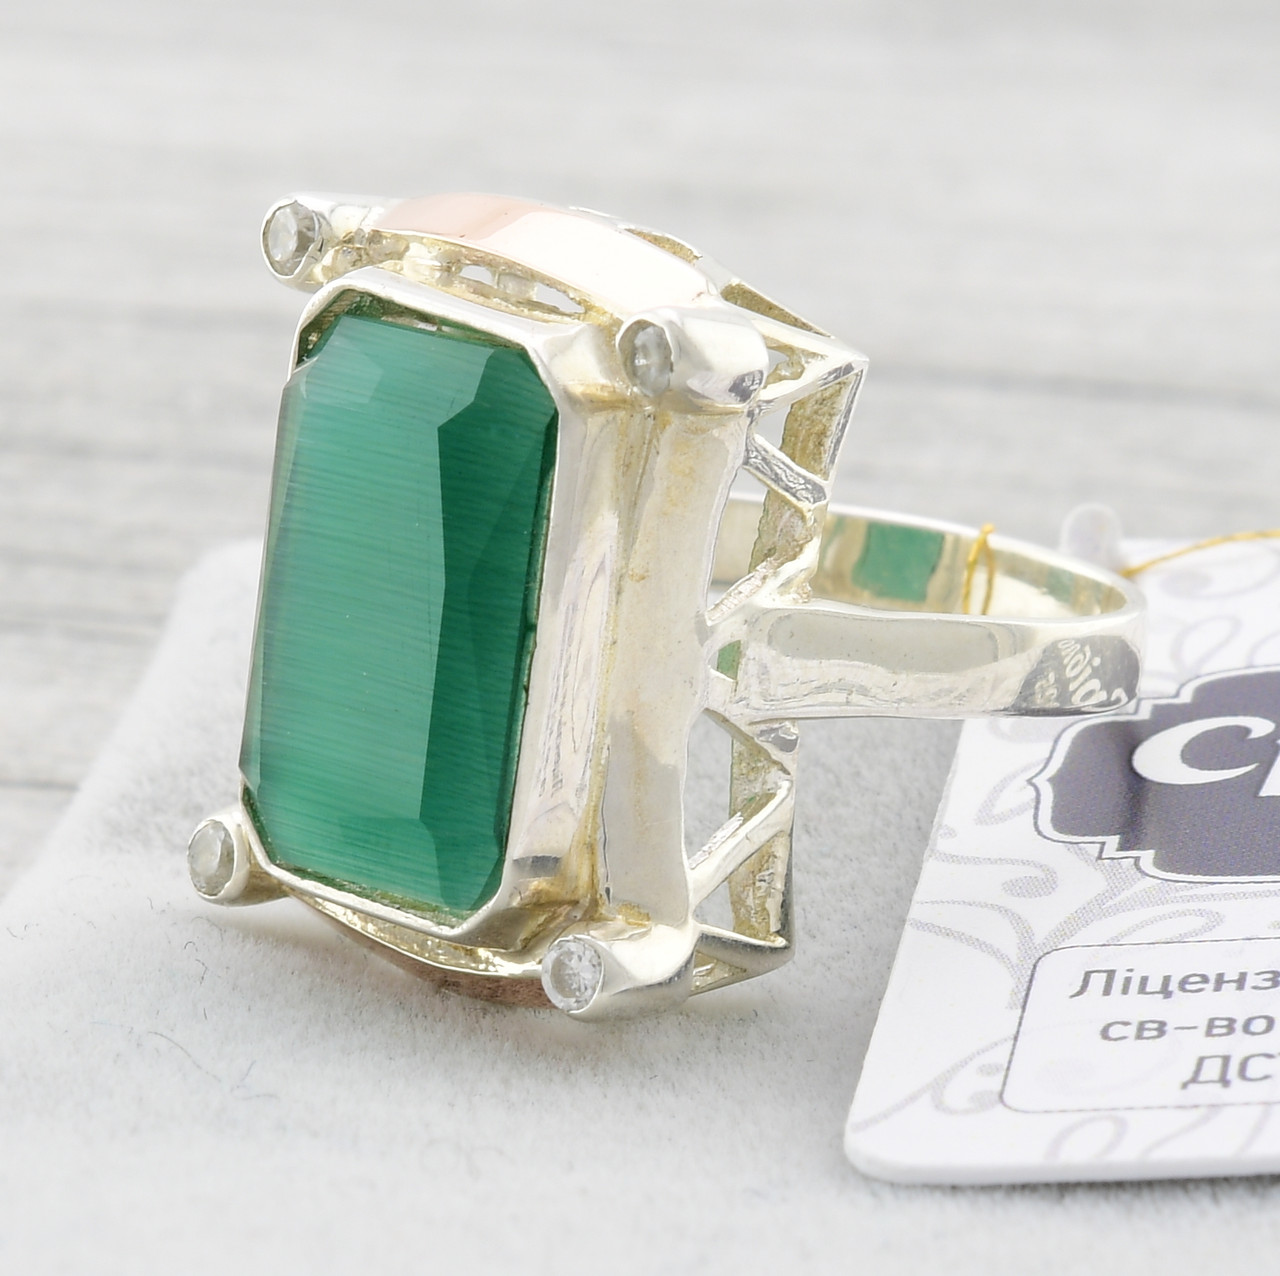 """Серебряное кольцо с золотыми пластинами """"Глория"""", вставка зелёный улексит, вес 6.6 г, размер 17"""